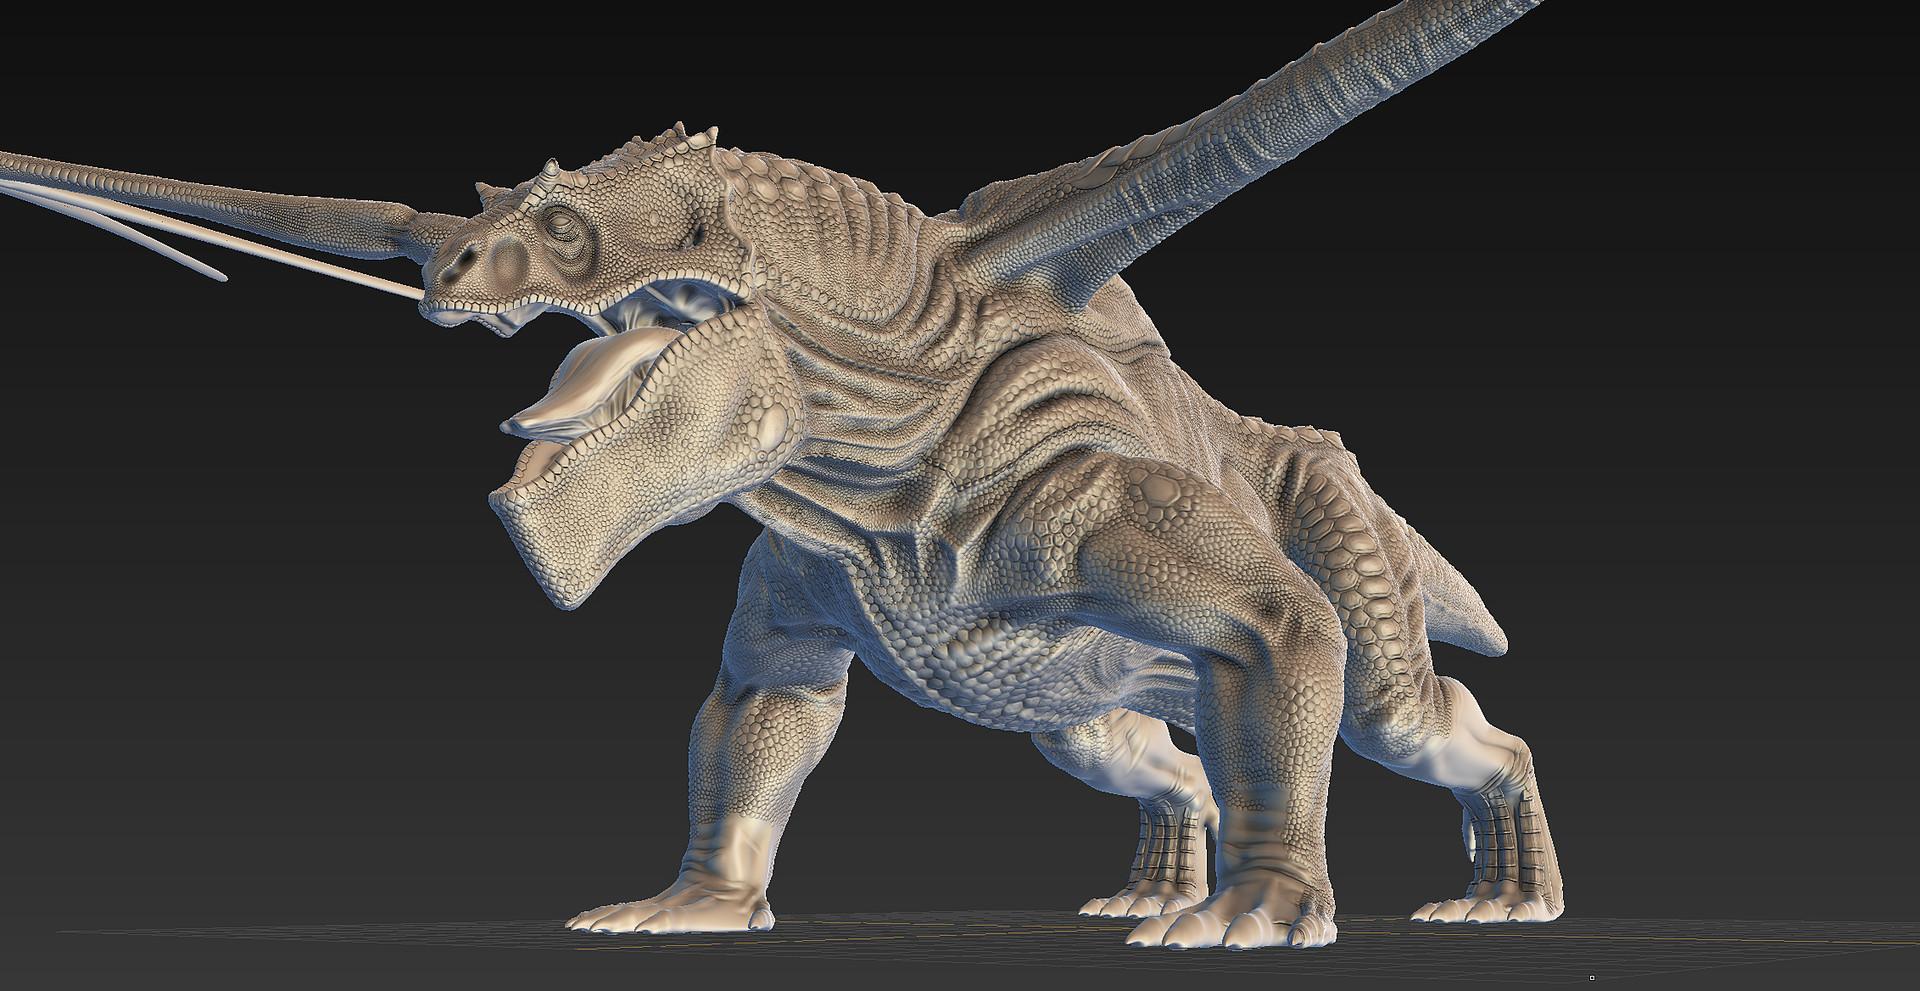 Cian o reilly dragonlatest04